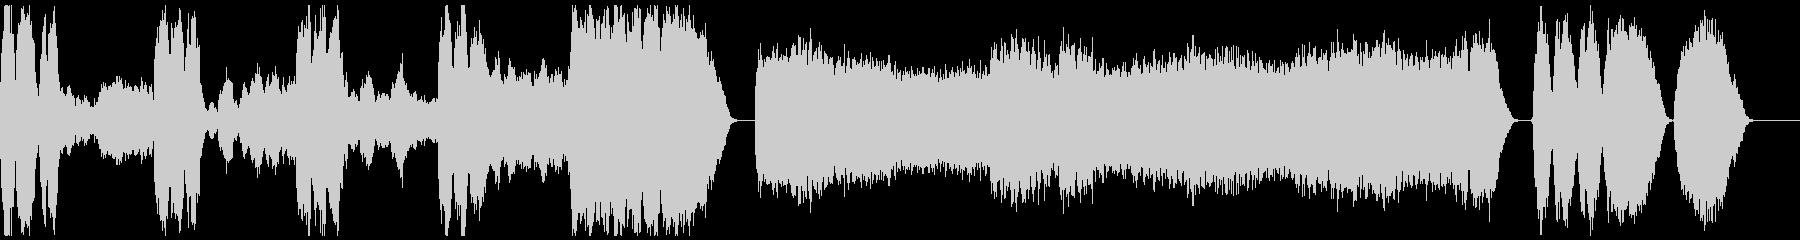 RV580_2『ラルゴ』ヴィヴァルディの未再生の波形